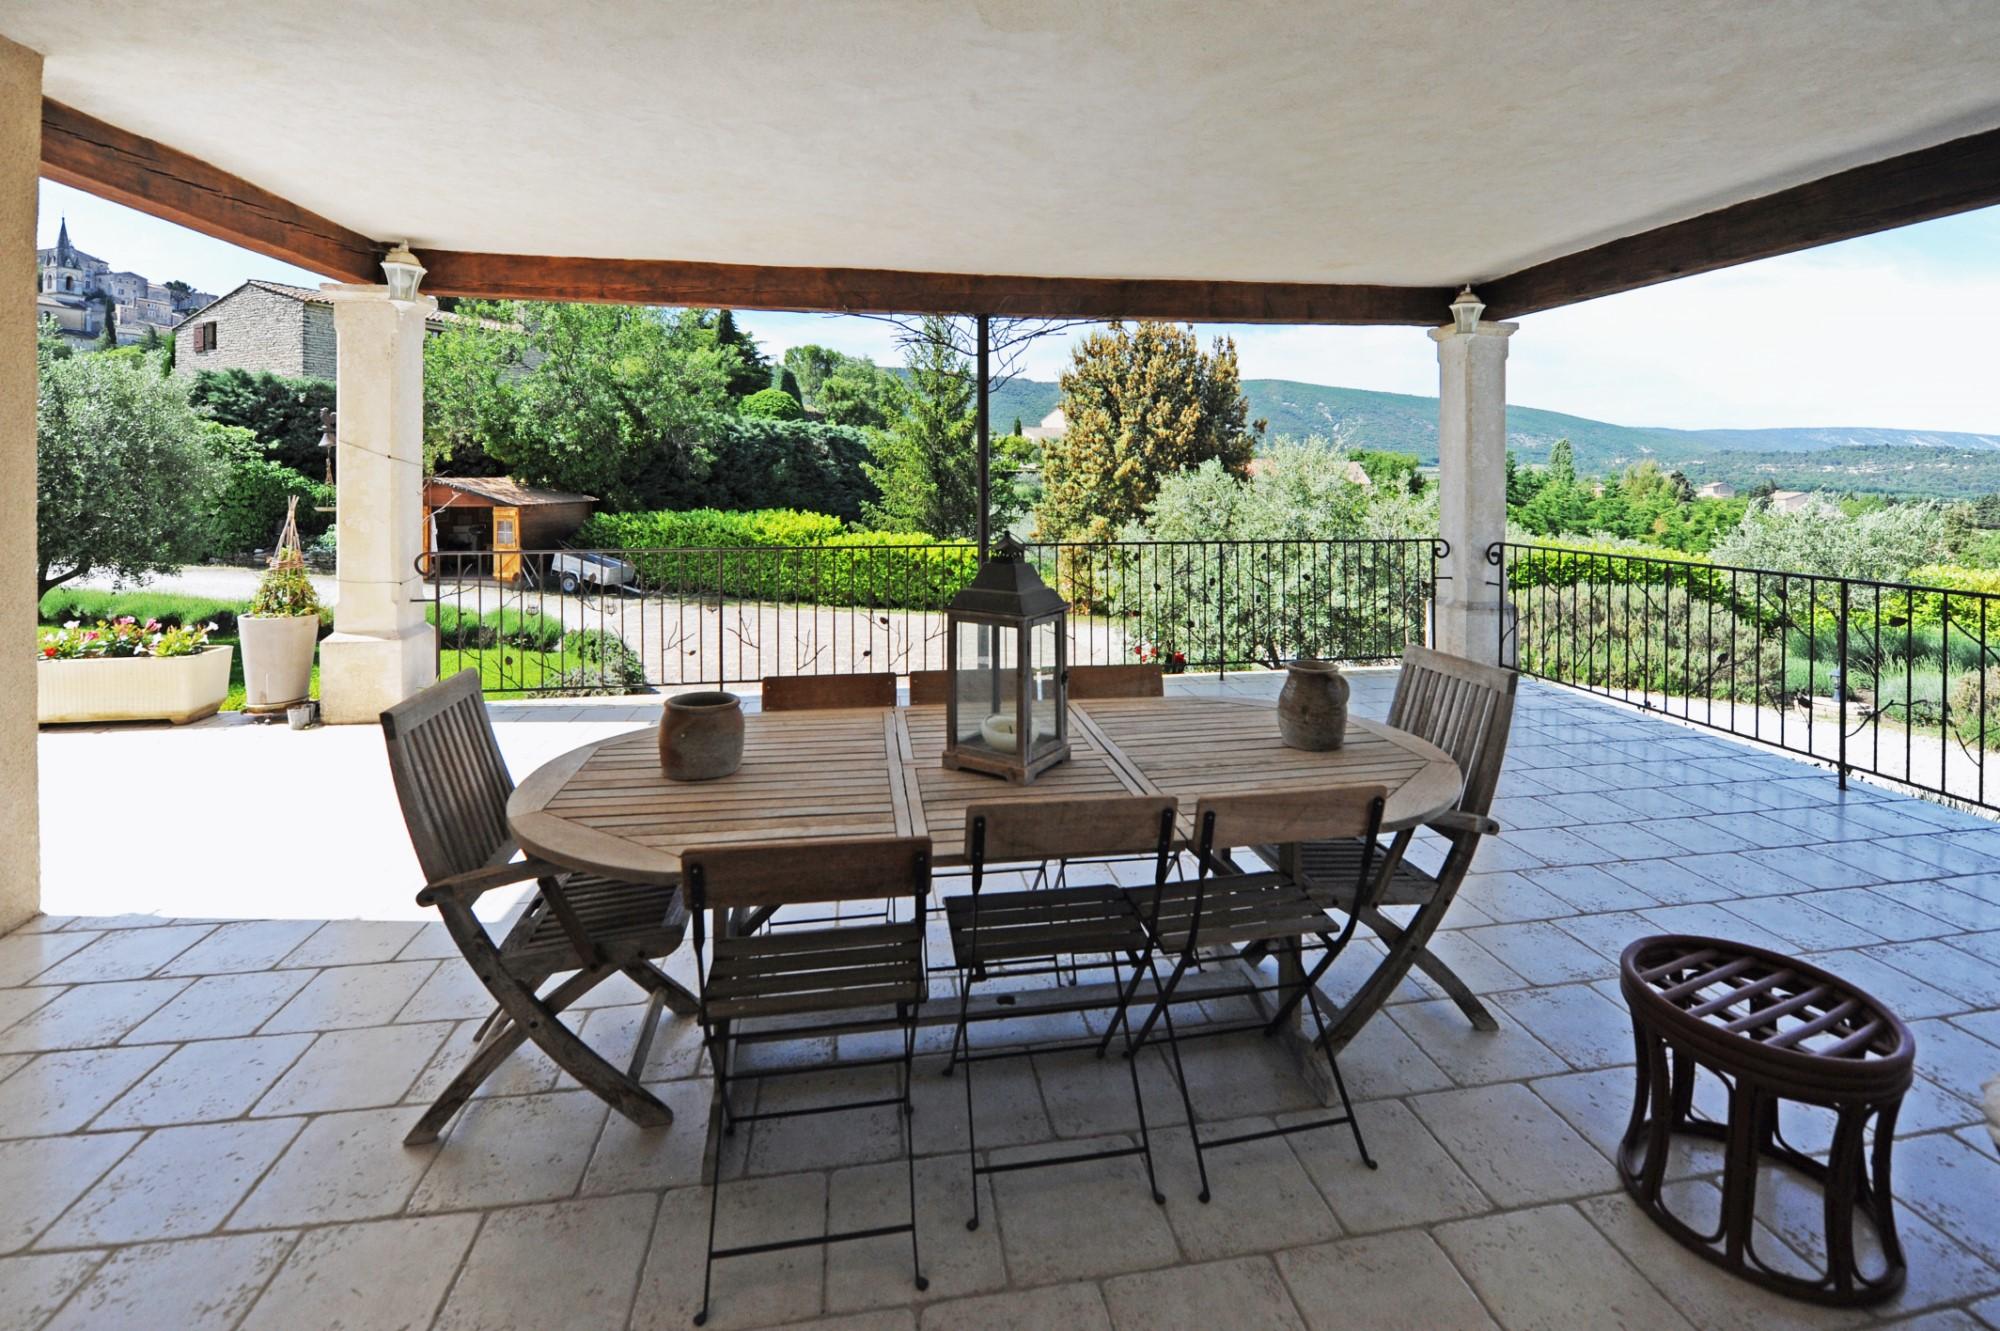 A vendre à Bonnieux, jolie bastide face au village, avec vue sur la vallée du Luberon